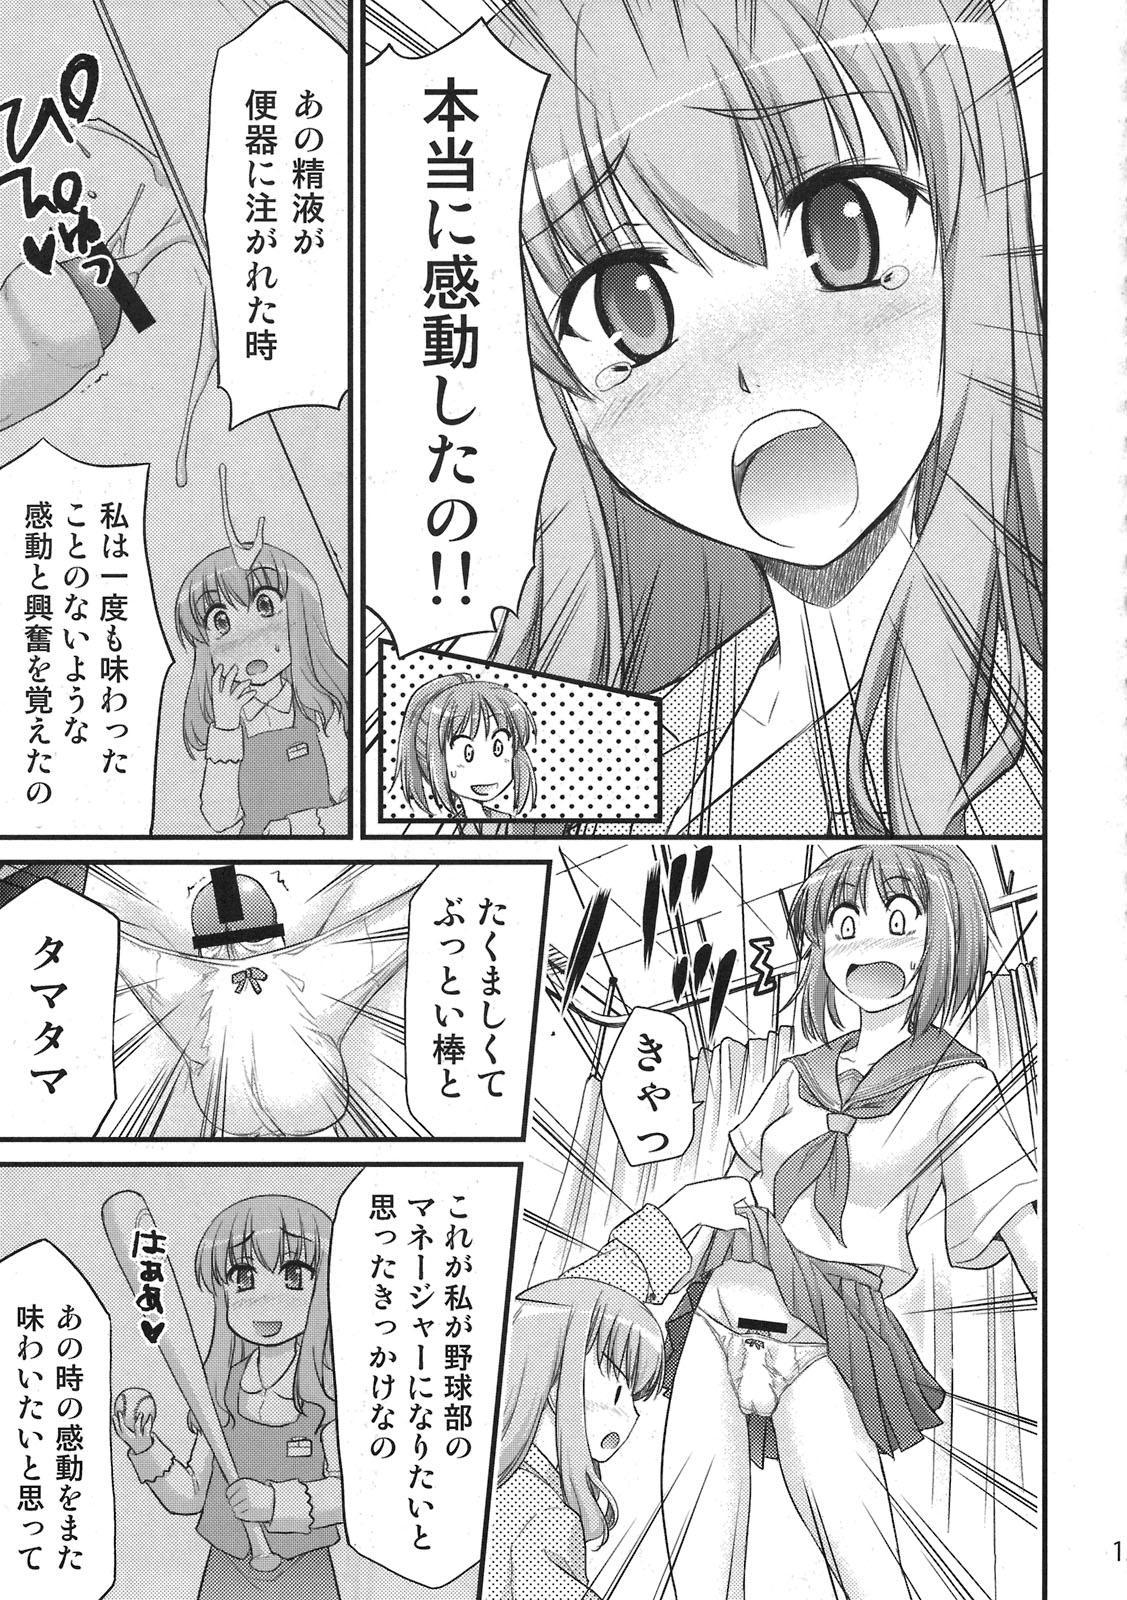 """Moshi Koukou Yakyuu no Joshi Manager ga Misakura Nankotsu no """"Ero Doujinshi"""" wo Yondara 12"""